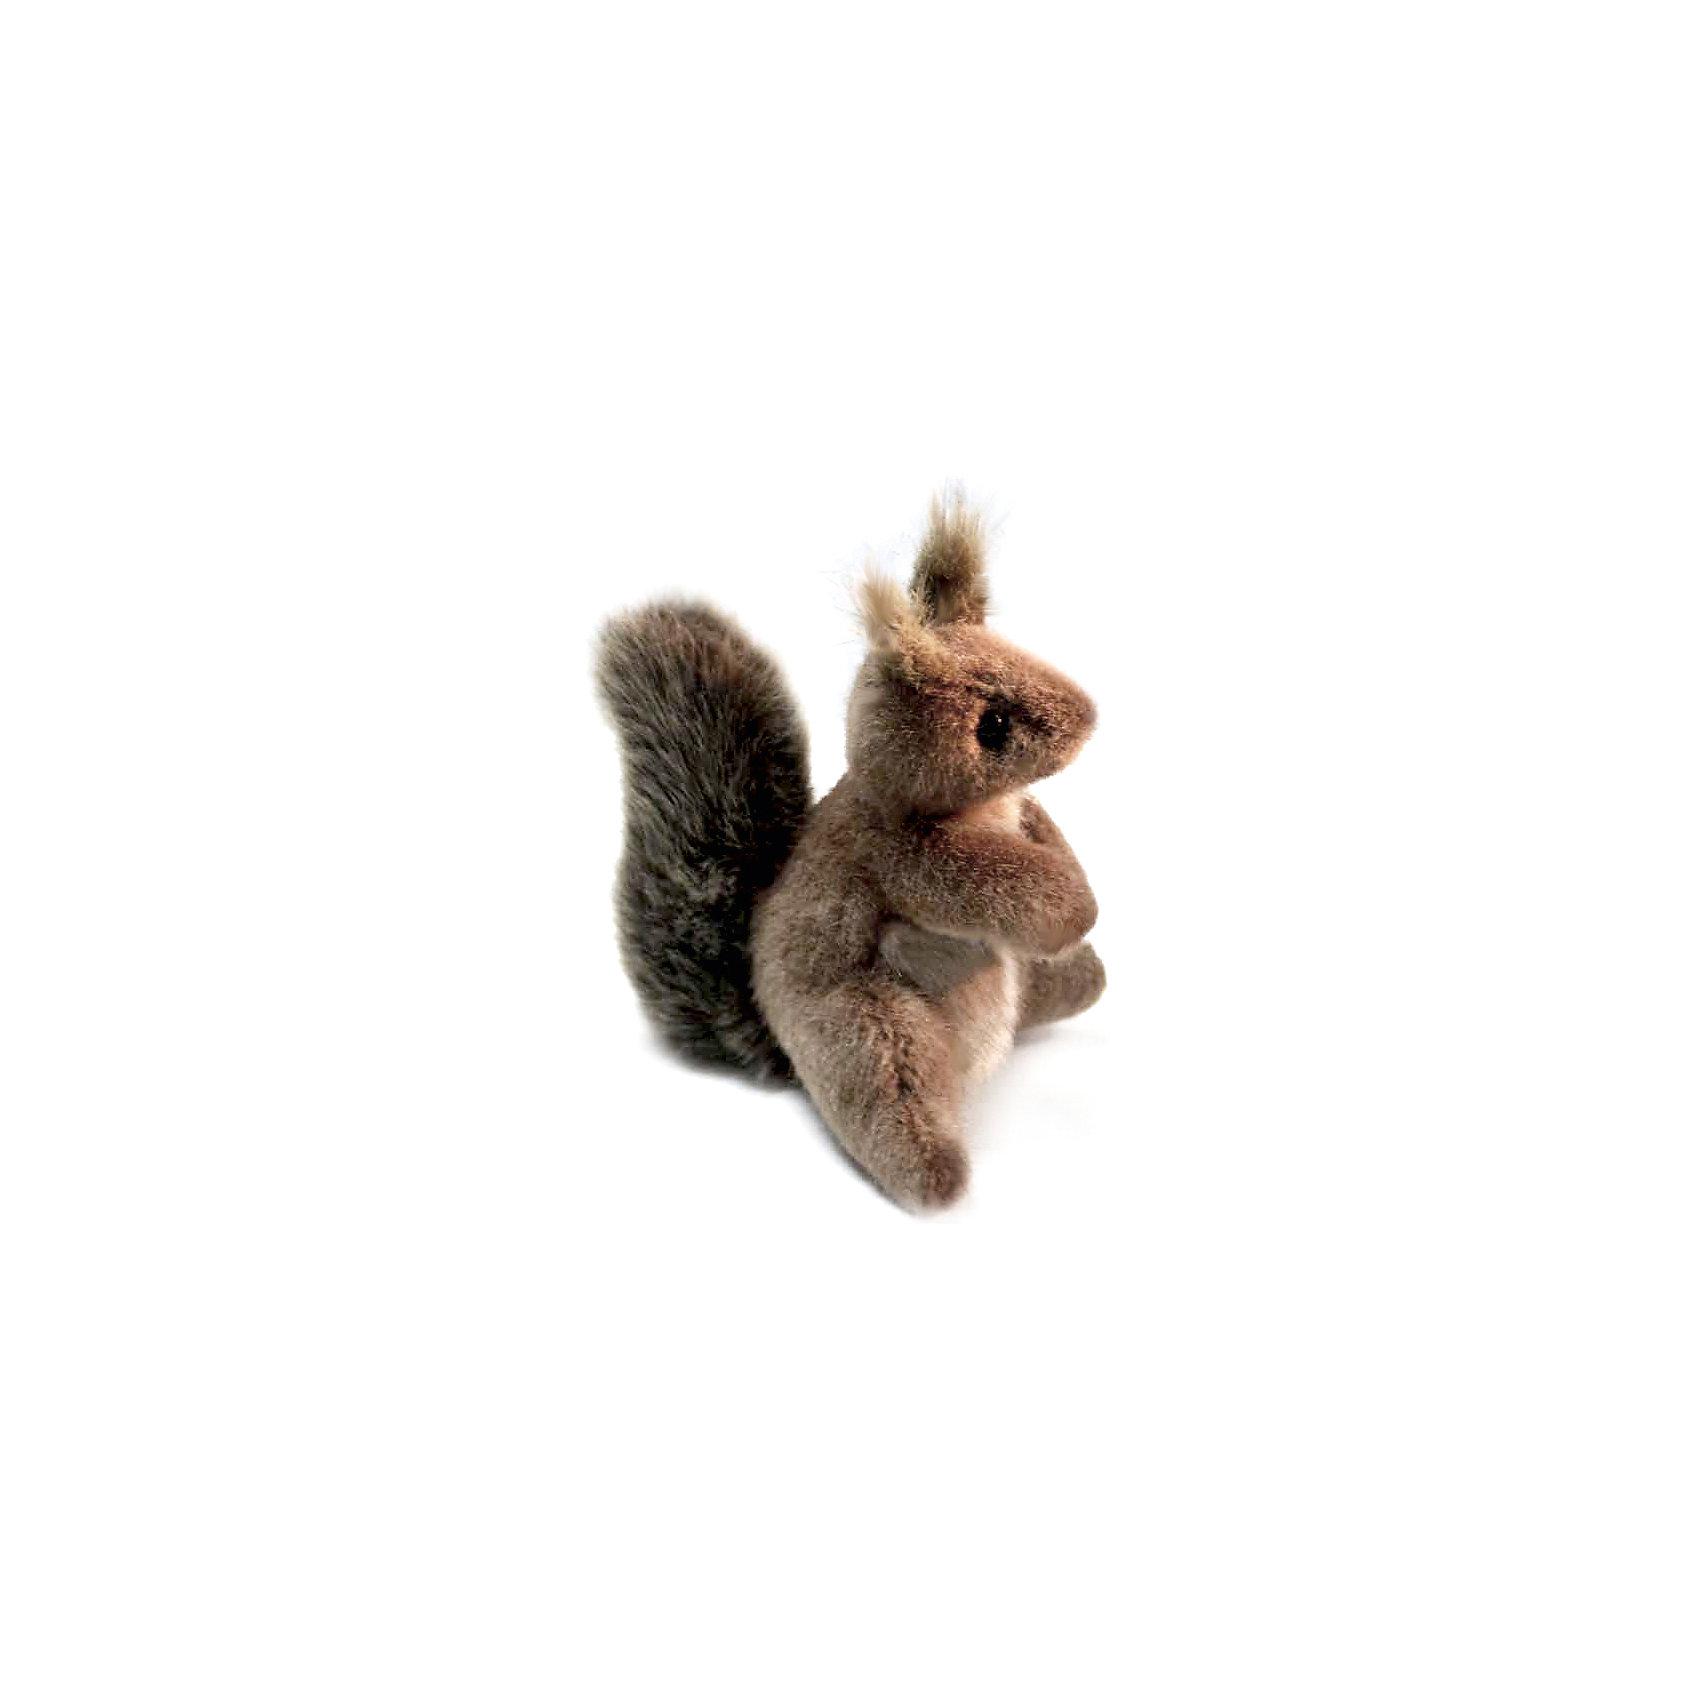 Мягкая игрушка Hansa Белка, 16 смМягкие игрушки животные<br>Характеристики товара:<br><br>• возраст: от 3 лет;<br>• материал: искусственный мех;<br>• высота игрушки: 16 см;<br>• размер упаковки: 16х13х11 см;<br>• вес упаковки: 55 гр.;<br>• страна производитель: Филиппины.<br><br>Мягкая игрушка Белка Hansa 16 см — очаровательный зверек с пушистым хвостиком и острыми ушками, который станет для ребенка любимым домашним питомцем. Игрушку можно брать с собой на прогулку, в детский садик, в гости и устраивать вместе с друзьями веселые игры. Игрушка сделана из качественных безопасных материалов.<br><br>Мягкую игрушку Белка Hansa 16 см можно приобрести в нашем интернет-магазине.<br><br>Ширина мм: 130<br>Глубина мм: 110<br>Высота мм: 160<br>Вес г: 55<br>Возраст от месяцев: 36<br>Возраст до месяцев: 2147483647<br>Пол: Унисекс<br>Возраст: Детский<br>SKU: 6680717